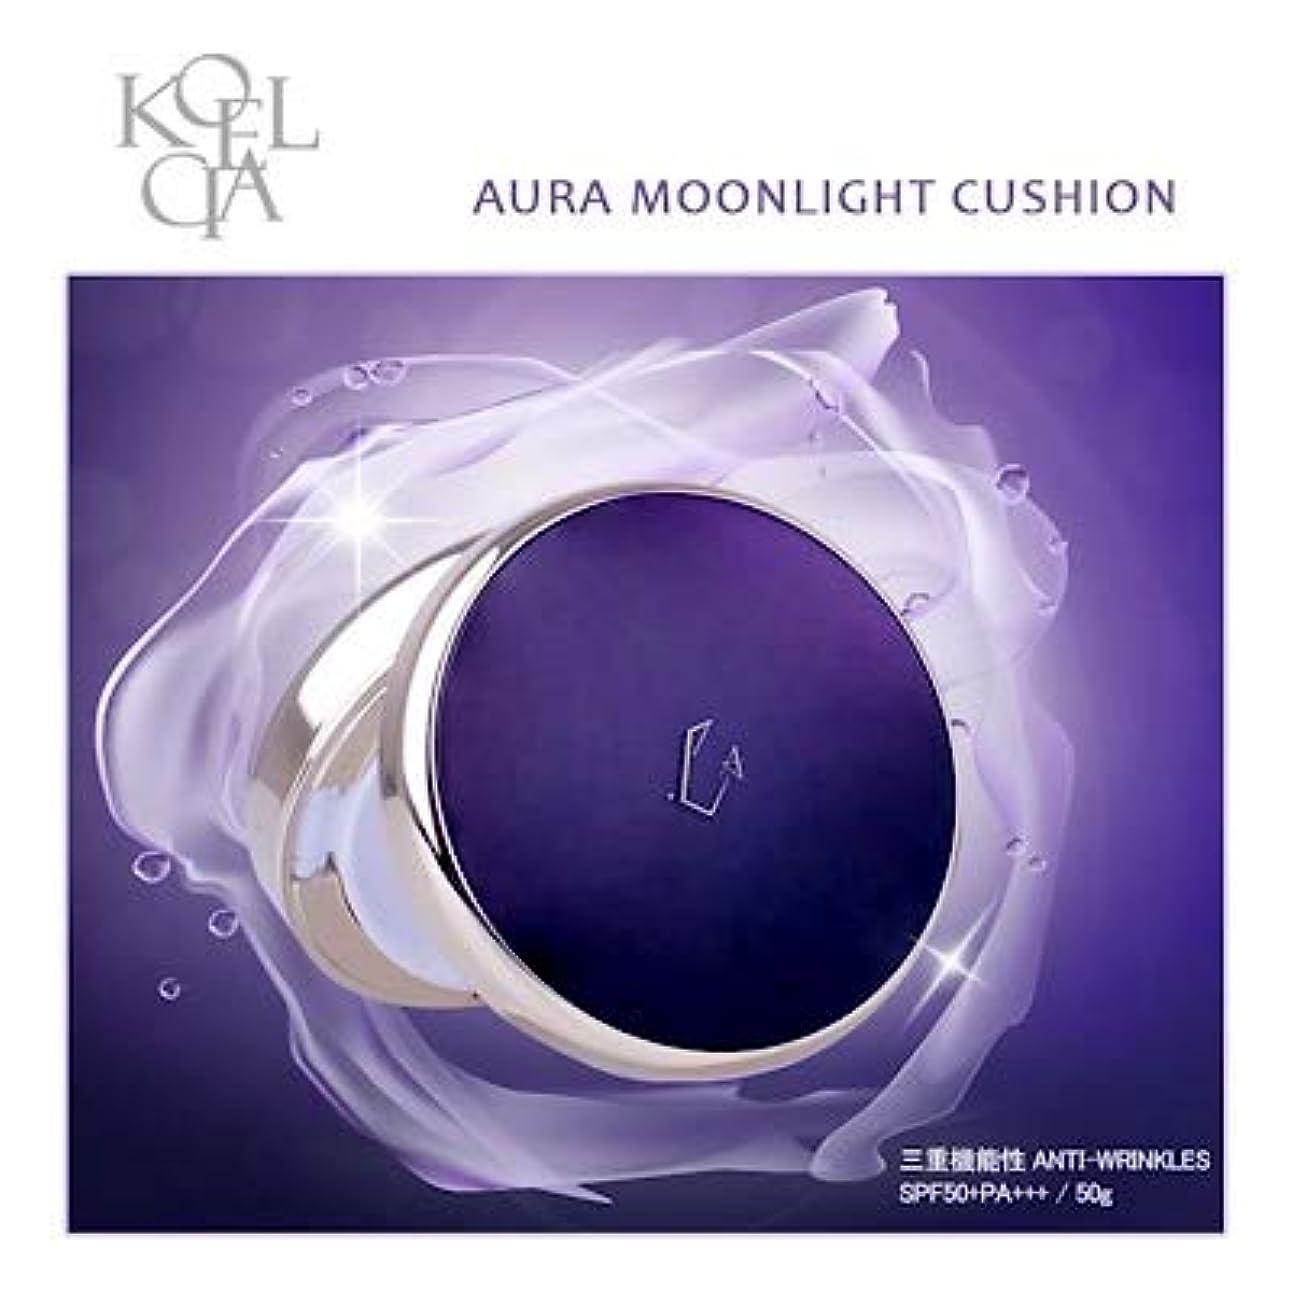 便宜意気揚々広々KOELCIA Aura Moonlight Cushion 14g No.21(Light Beige) クッション 三重機能性Anti-Wrinkles(SPF50+PA+++ / 14g)完全新商品!!/Korea...